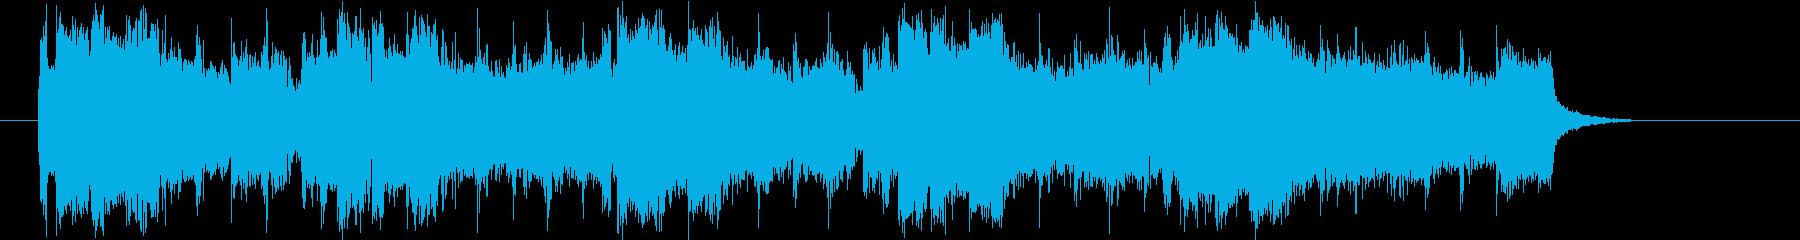 メロディがリフレインするシンセポップの再生済みの波形